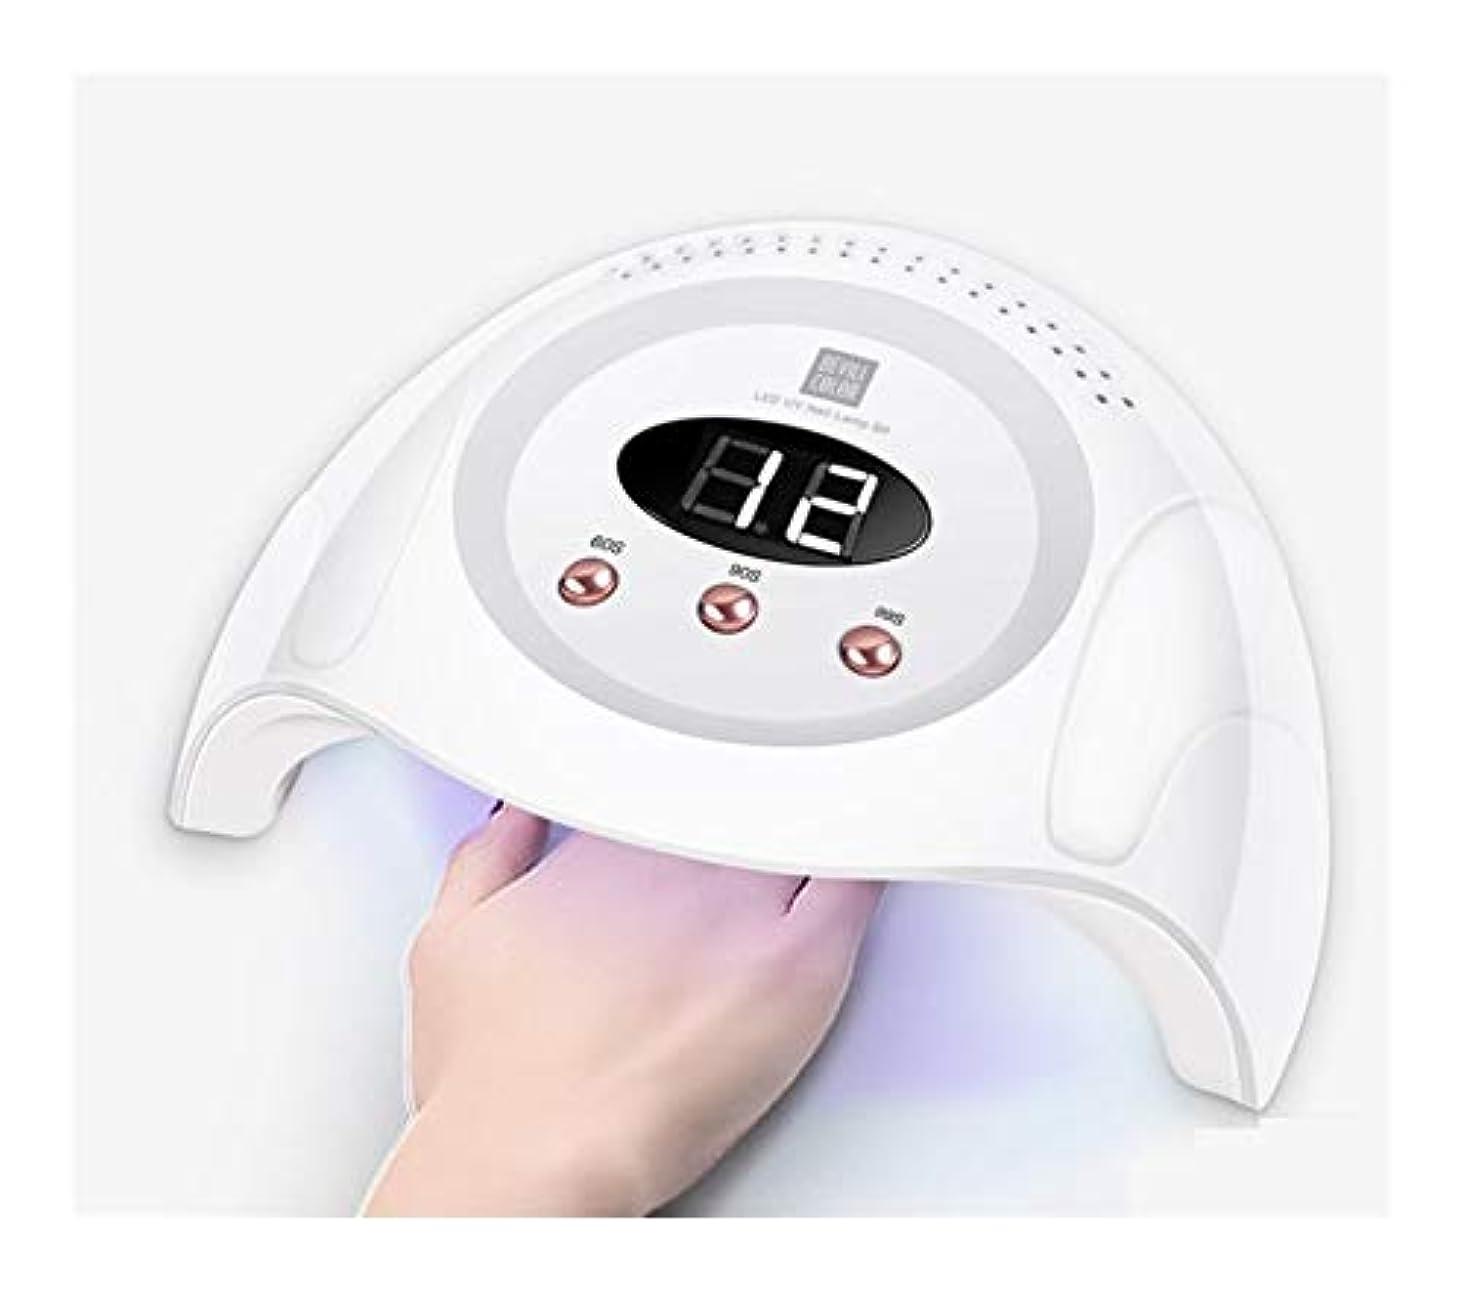 アレルギー性アパート有毒LittleCat 90Wスマートセンサプラスチックネイルポリッシュ光線療法機ドライヤー第3ギアは、速乾性黒手のタイミングでありません (色 : European standard circular plug)